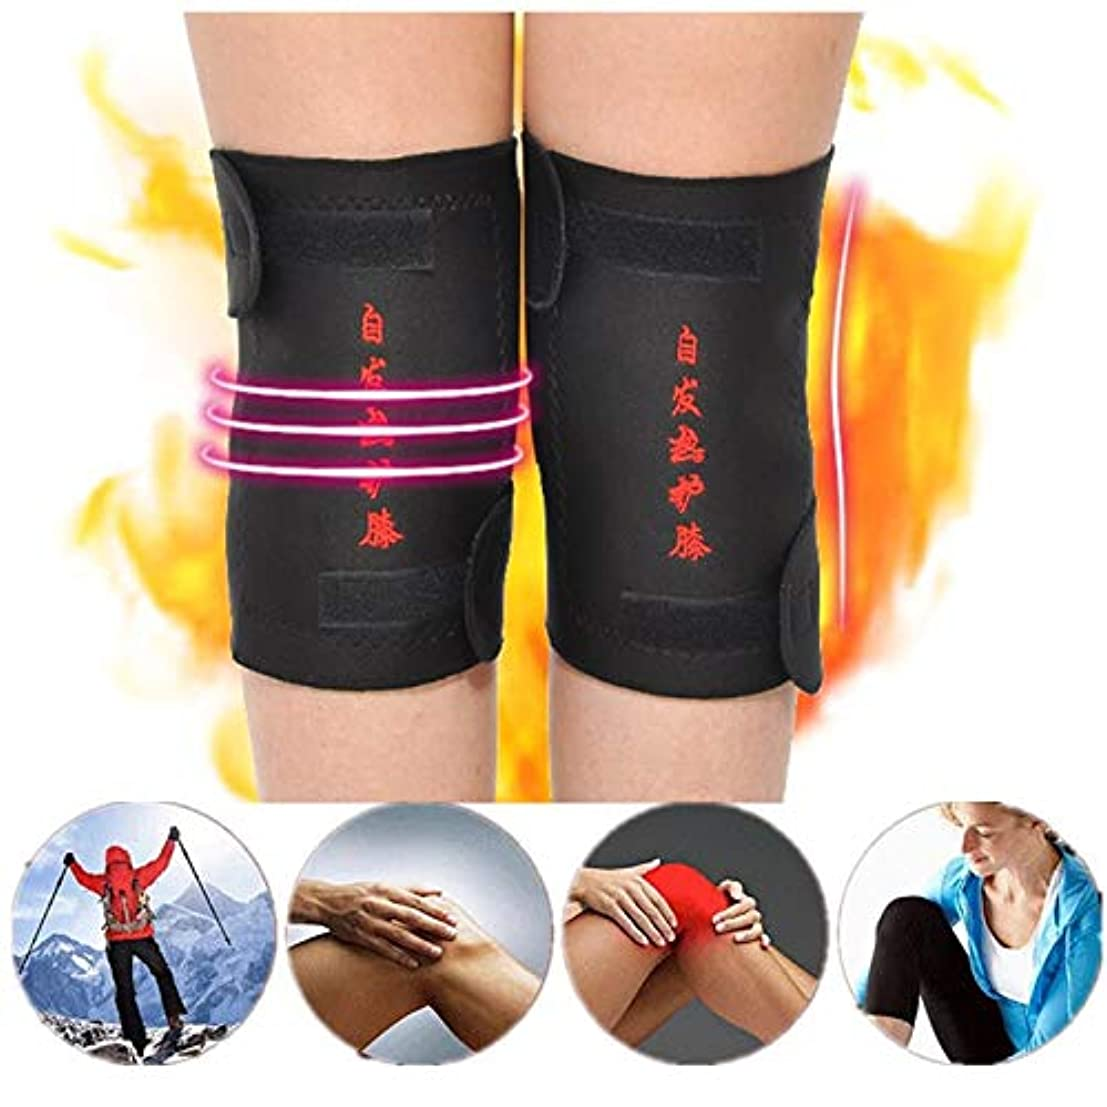 静脈カバレッジ南方の1 ペア 毎日健康 ケア 膝の痛み救済傷害捻挫自己加熱された膝 パッド 付き磁気治療内部加熱膝 パッド